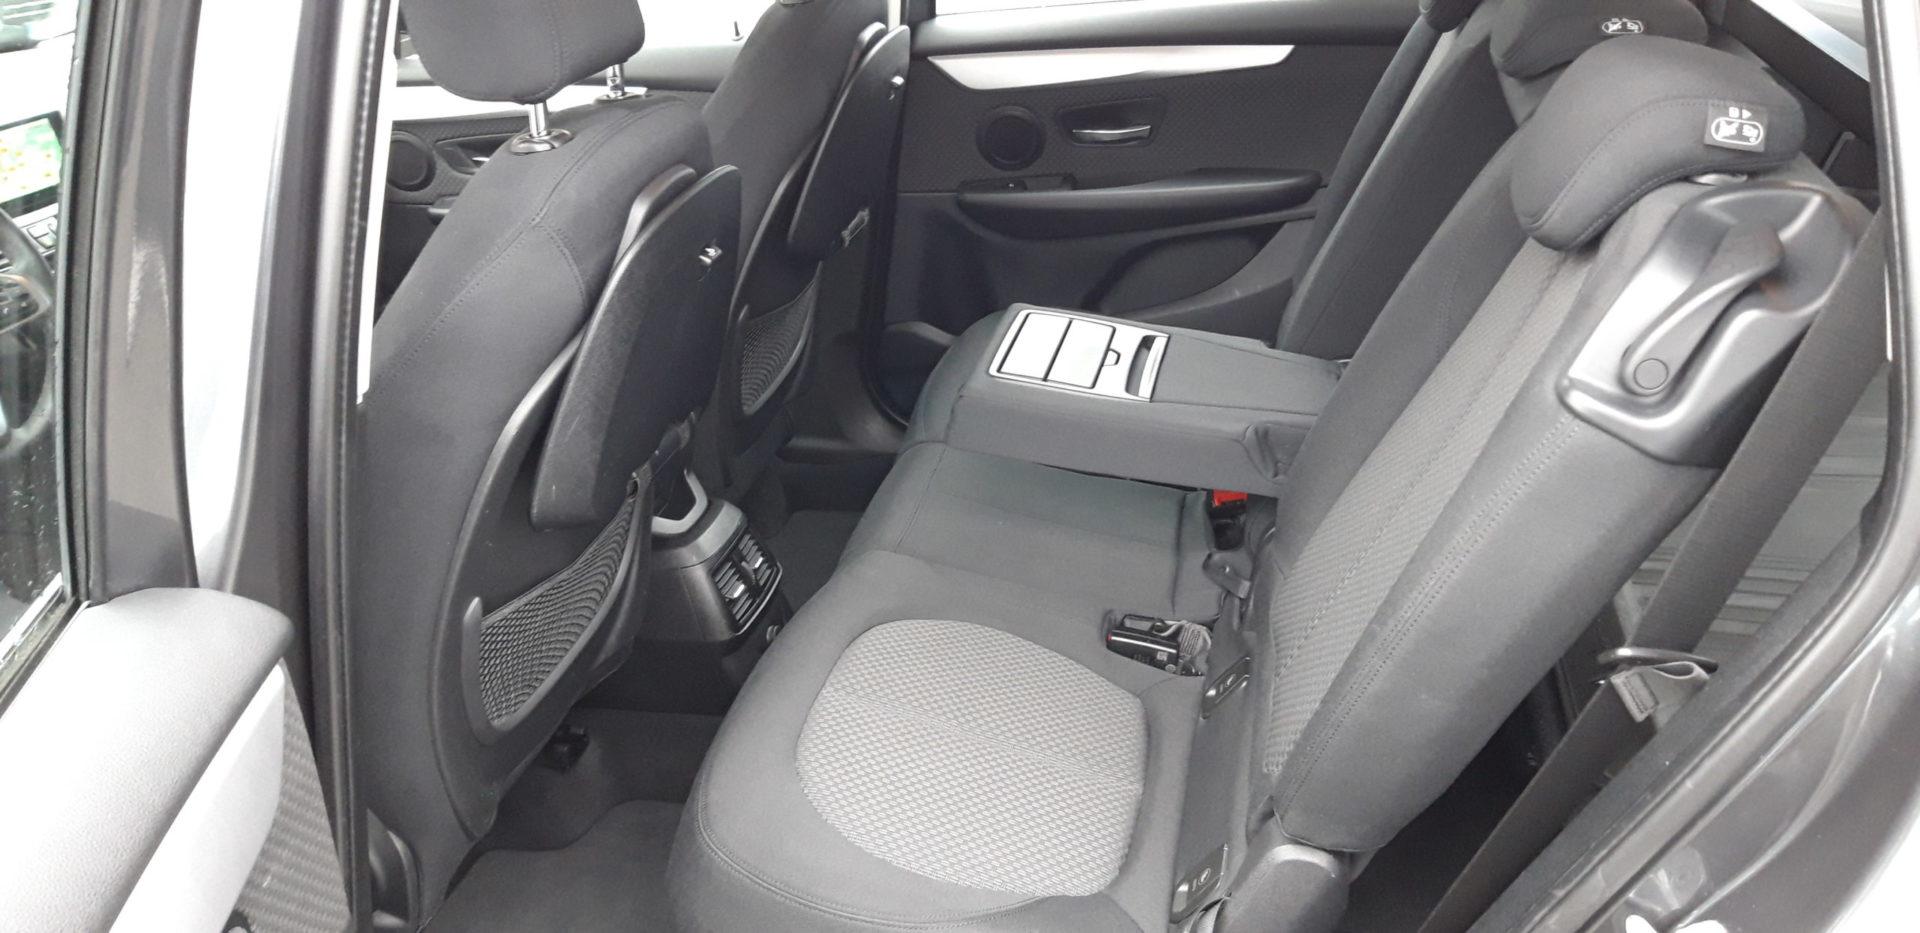 Garage Jallier Tharreau Garage Automobile Cholet Location Vehicule 9 Places 20210107 113530 1450